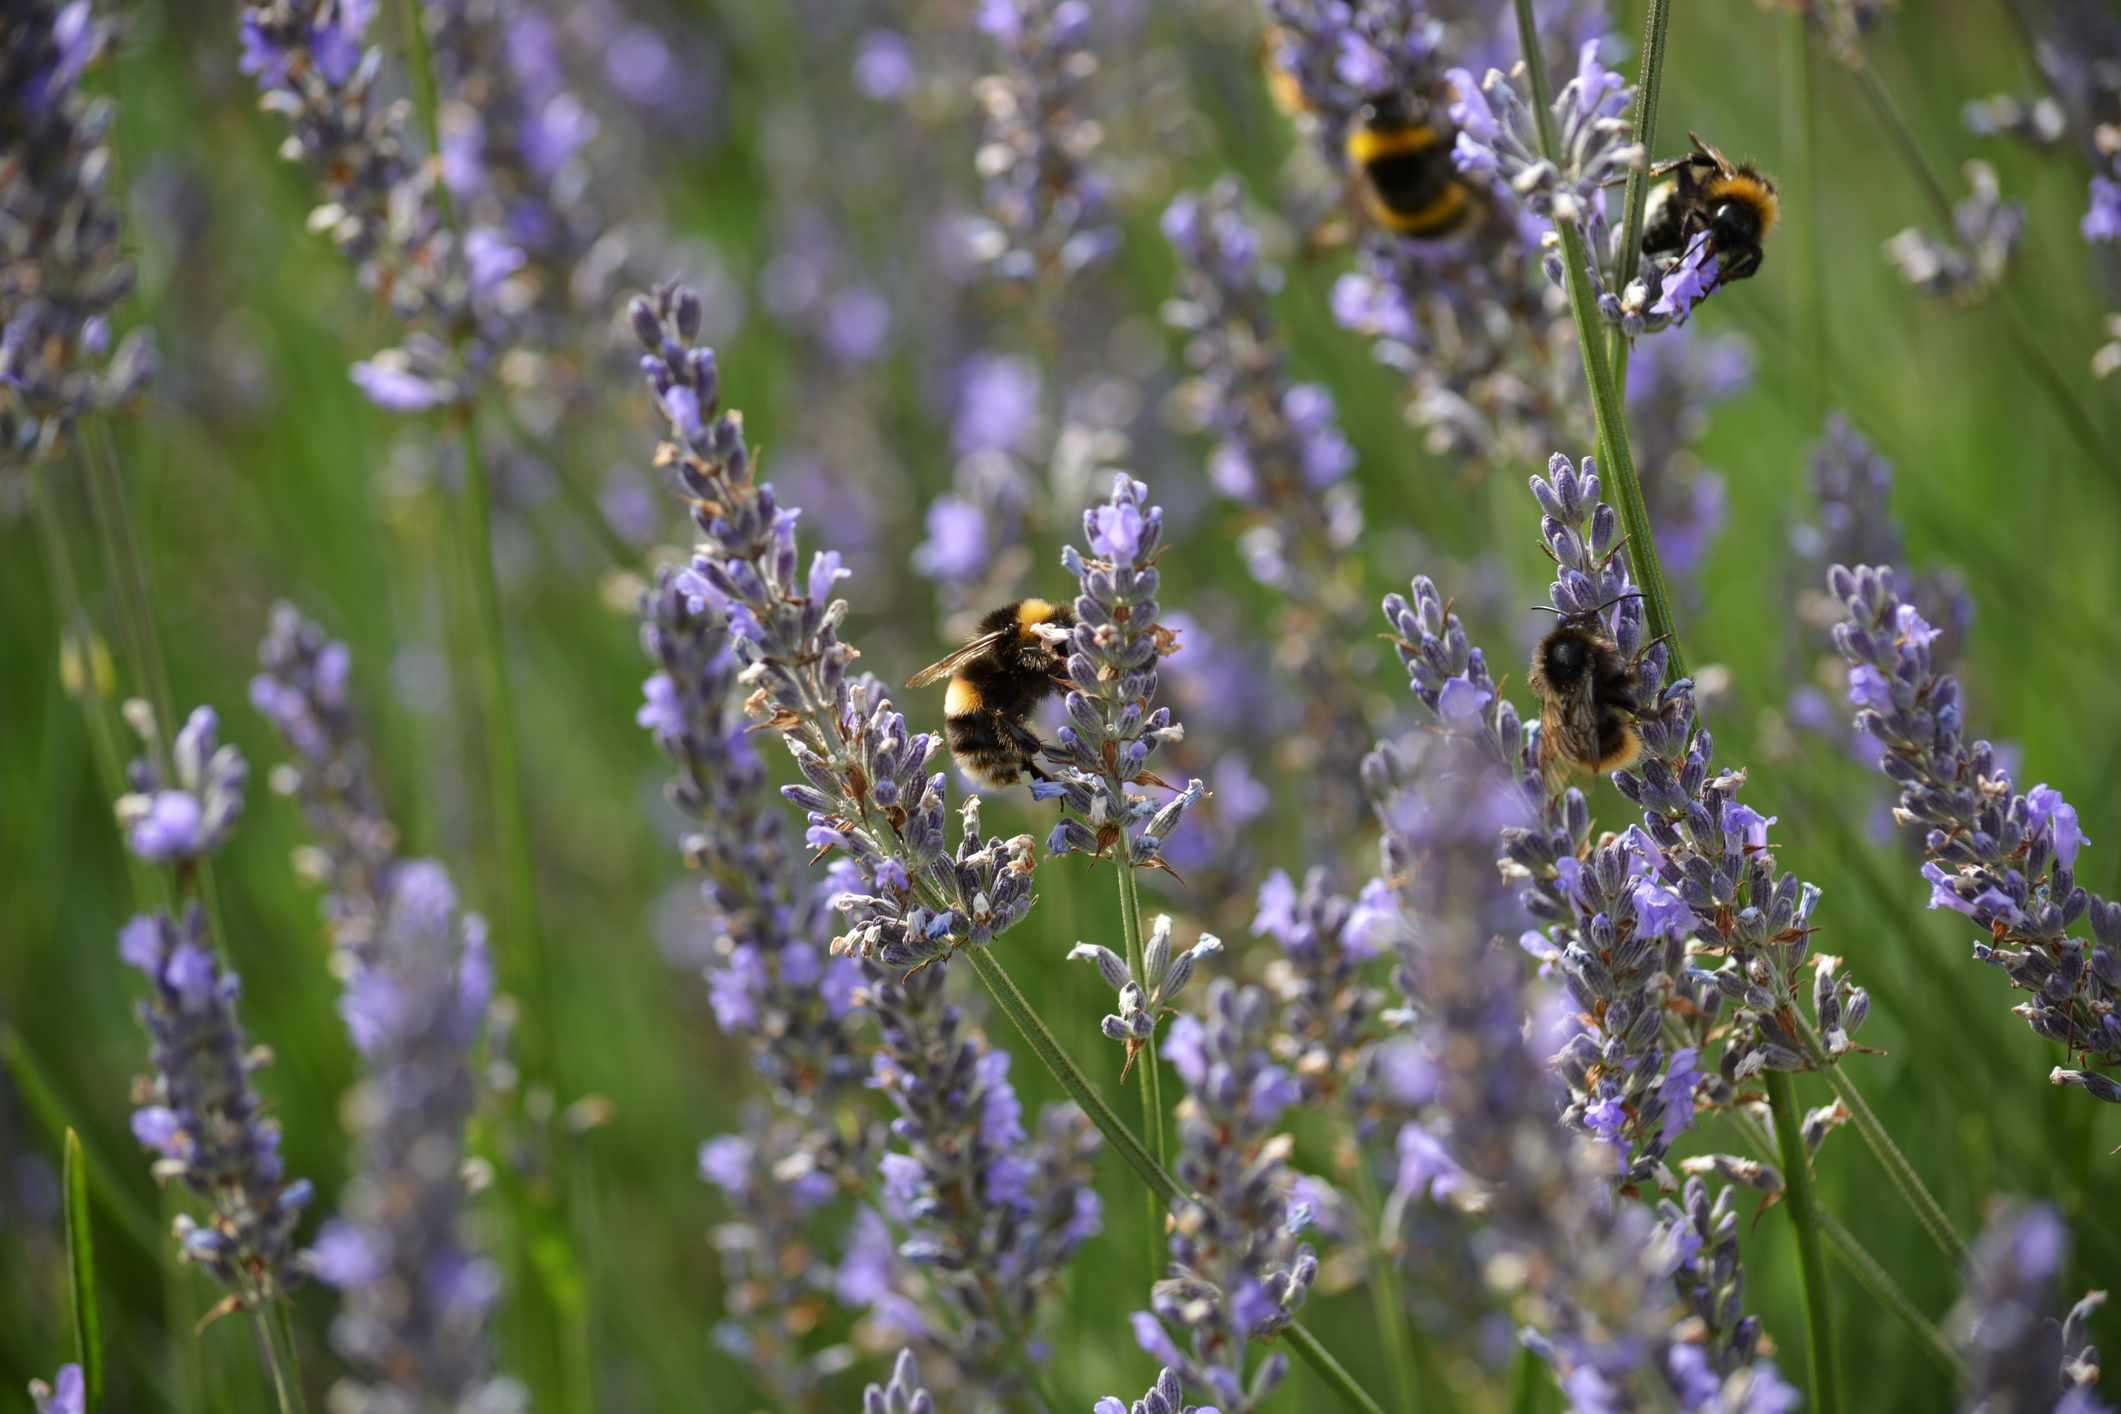 Bumblebees feeding on blooming lavenders